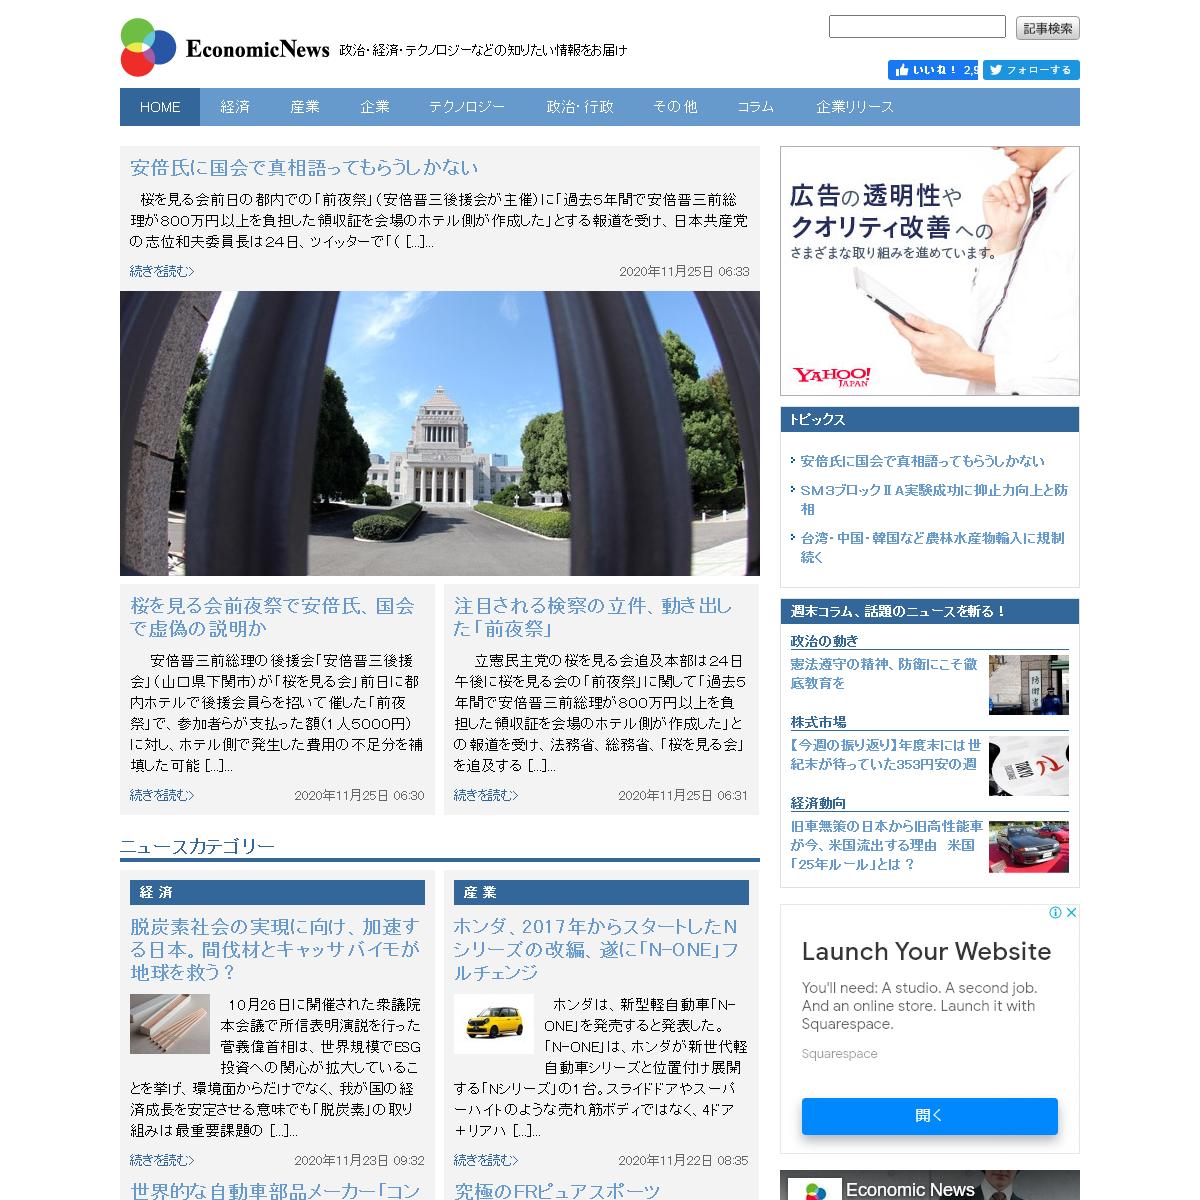 EconomicNews(エコノミックニュース)